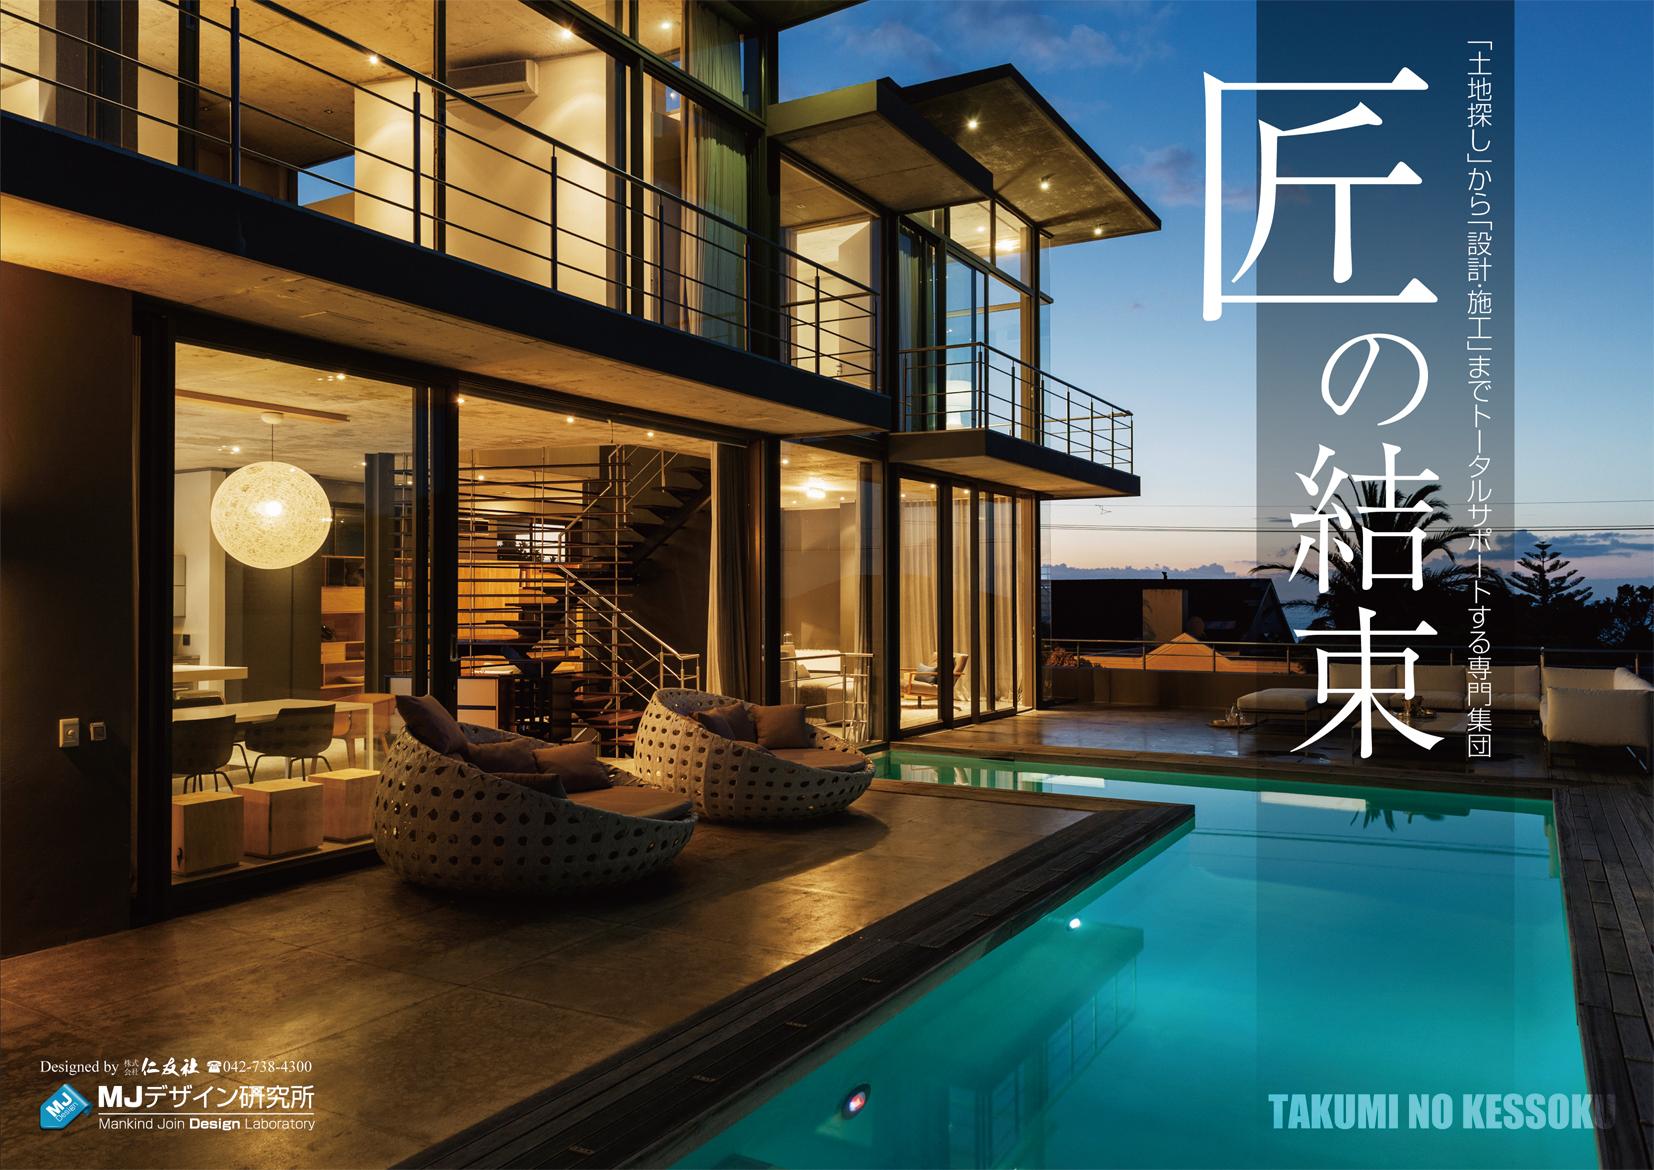 神奈川県建築関連業者様 | A4仕上げ三つ折りパンフレット